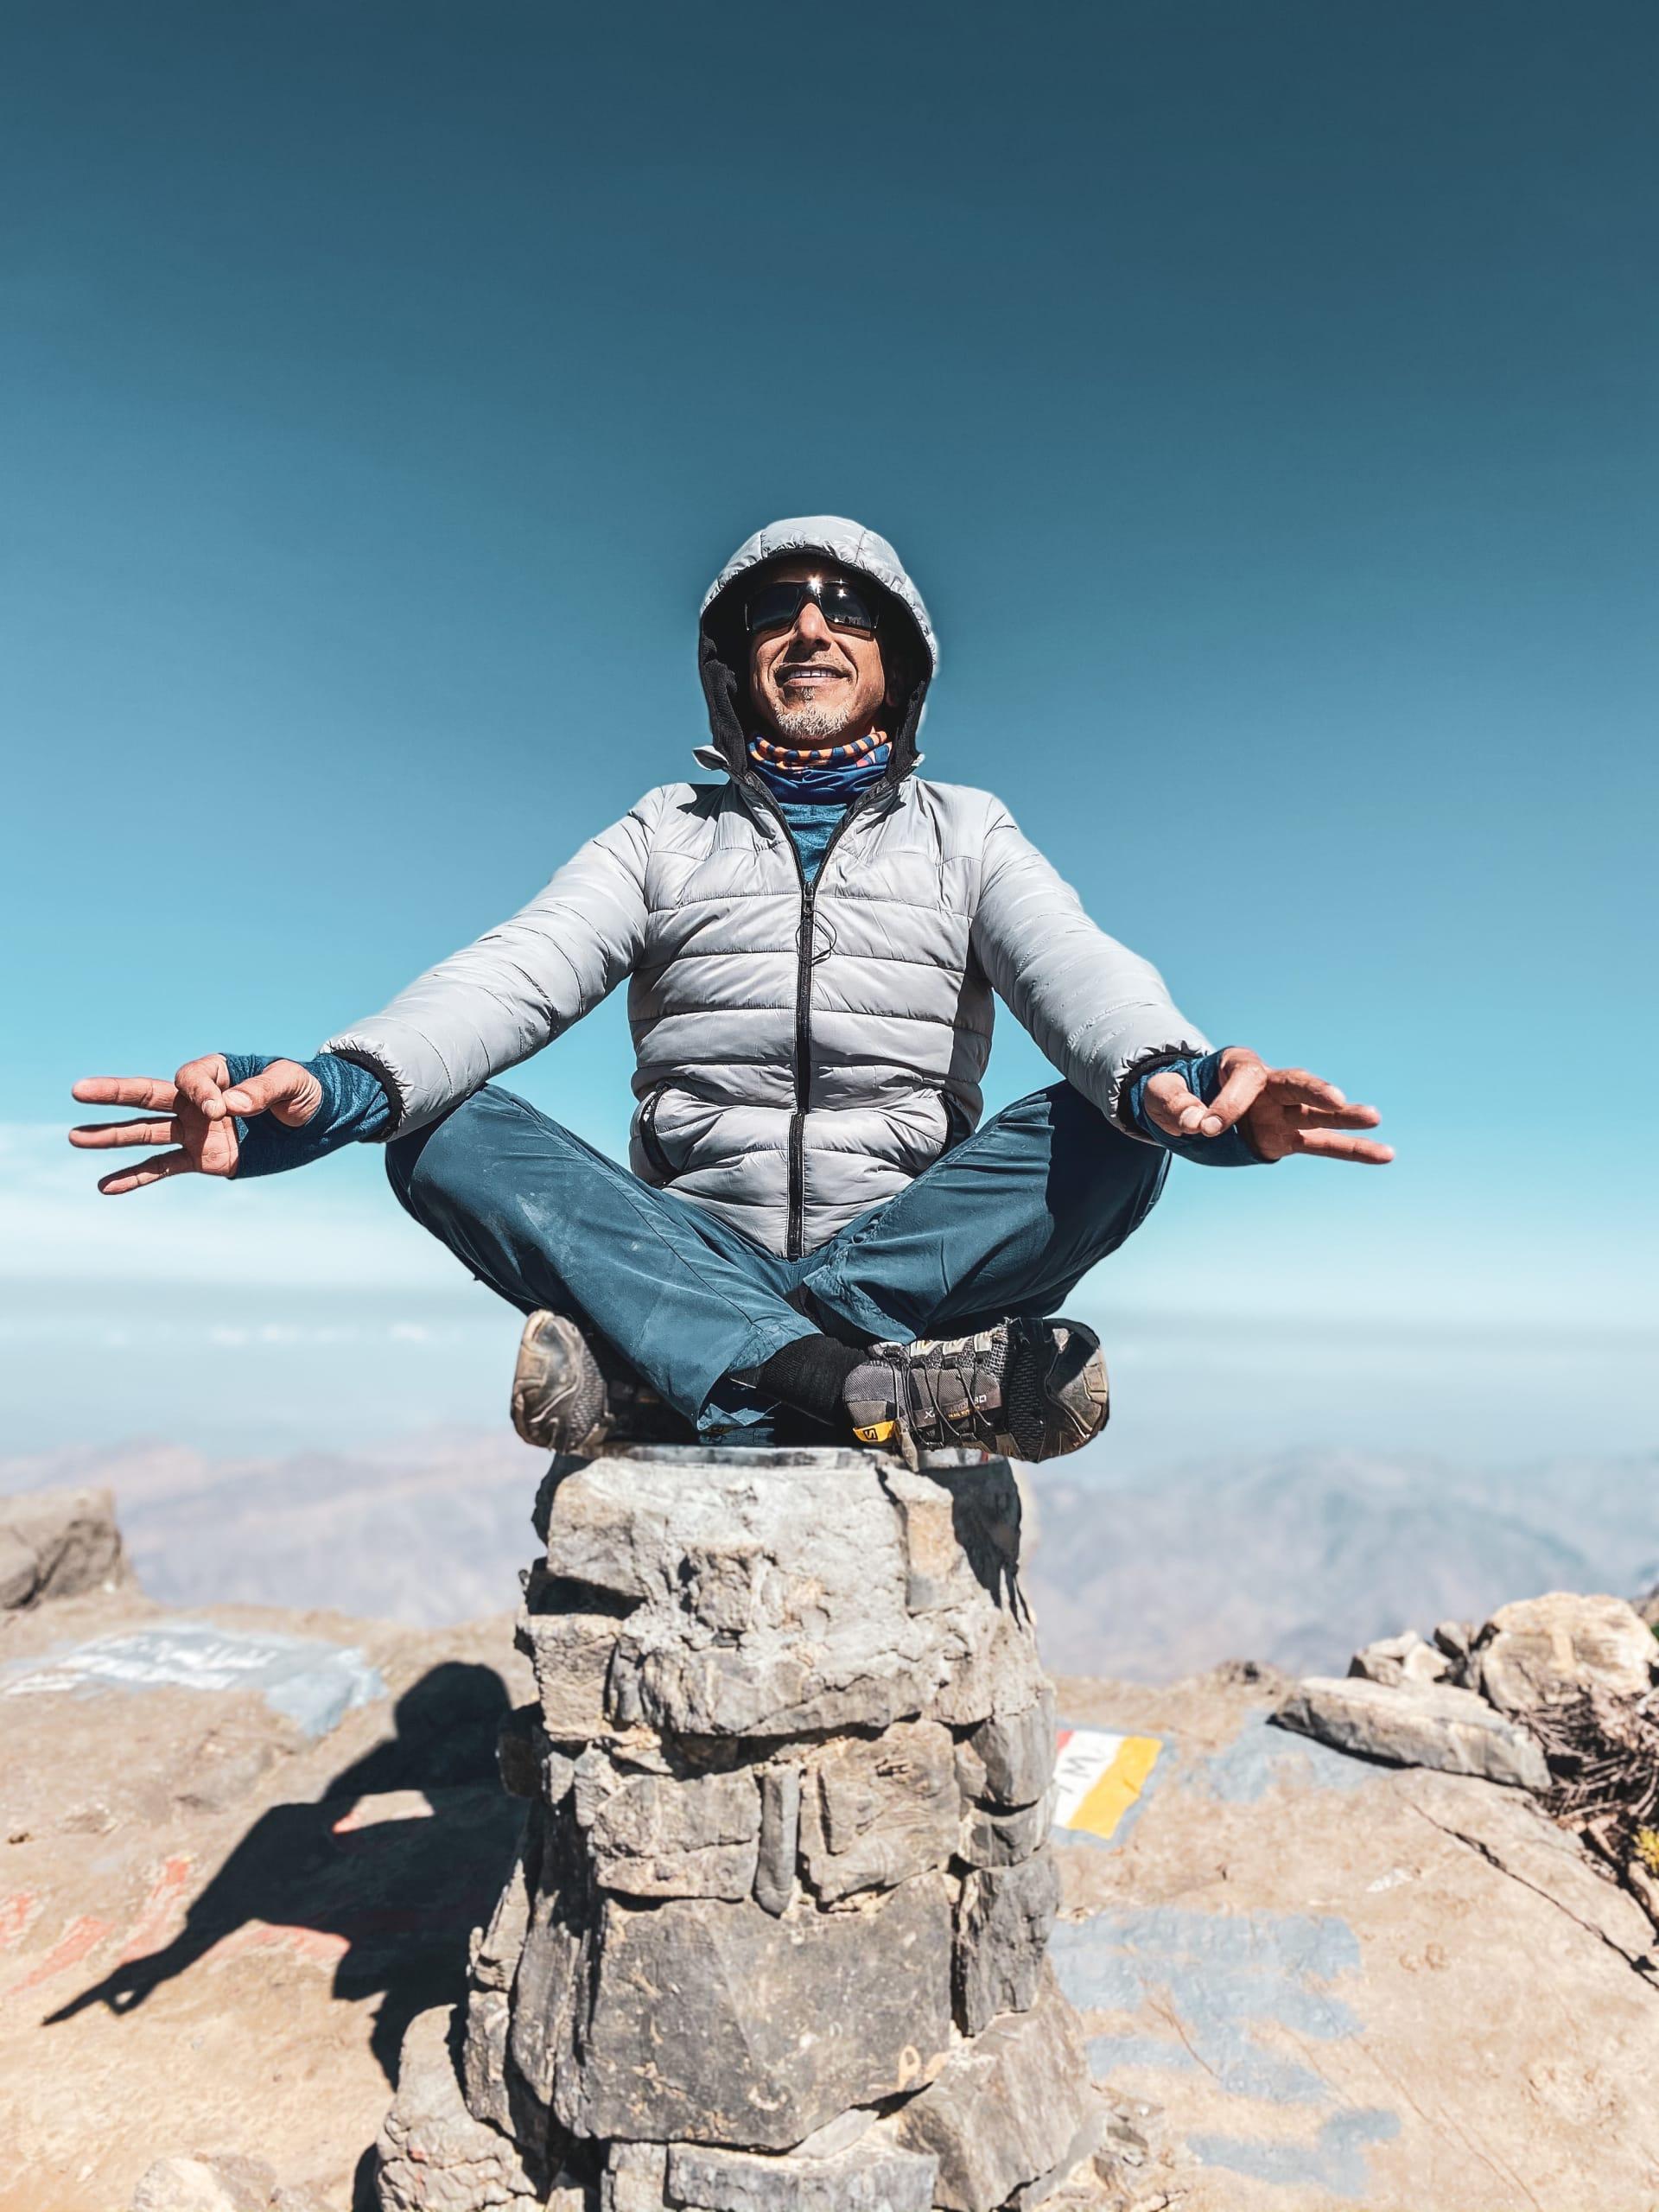 يستحق عناء المغامرة.. هكذا يبدو المشهد من أعلى قمة جبلية في عمان